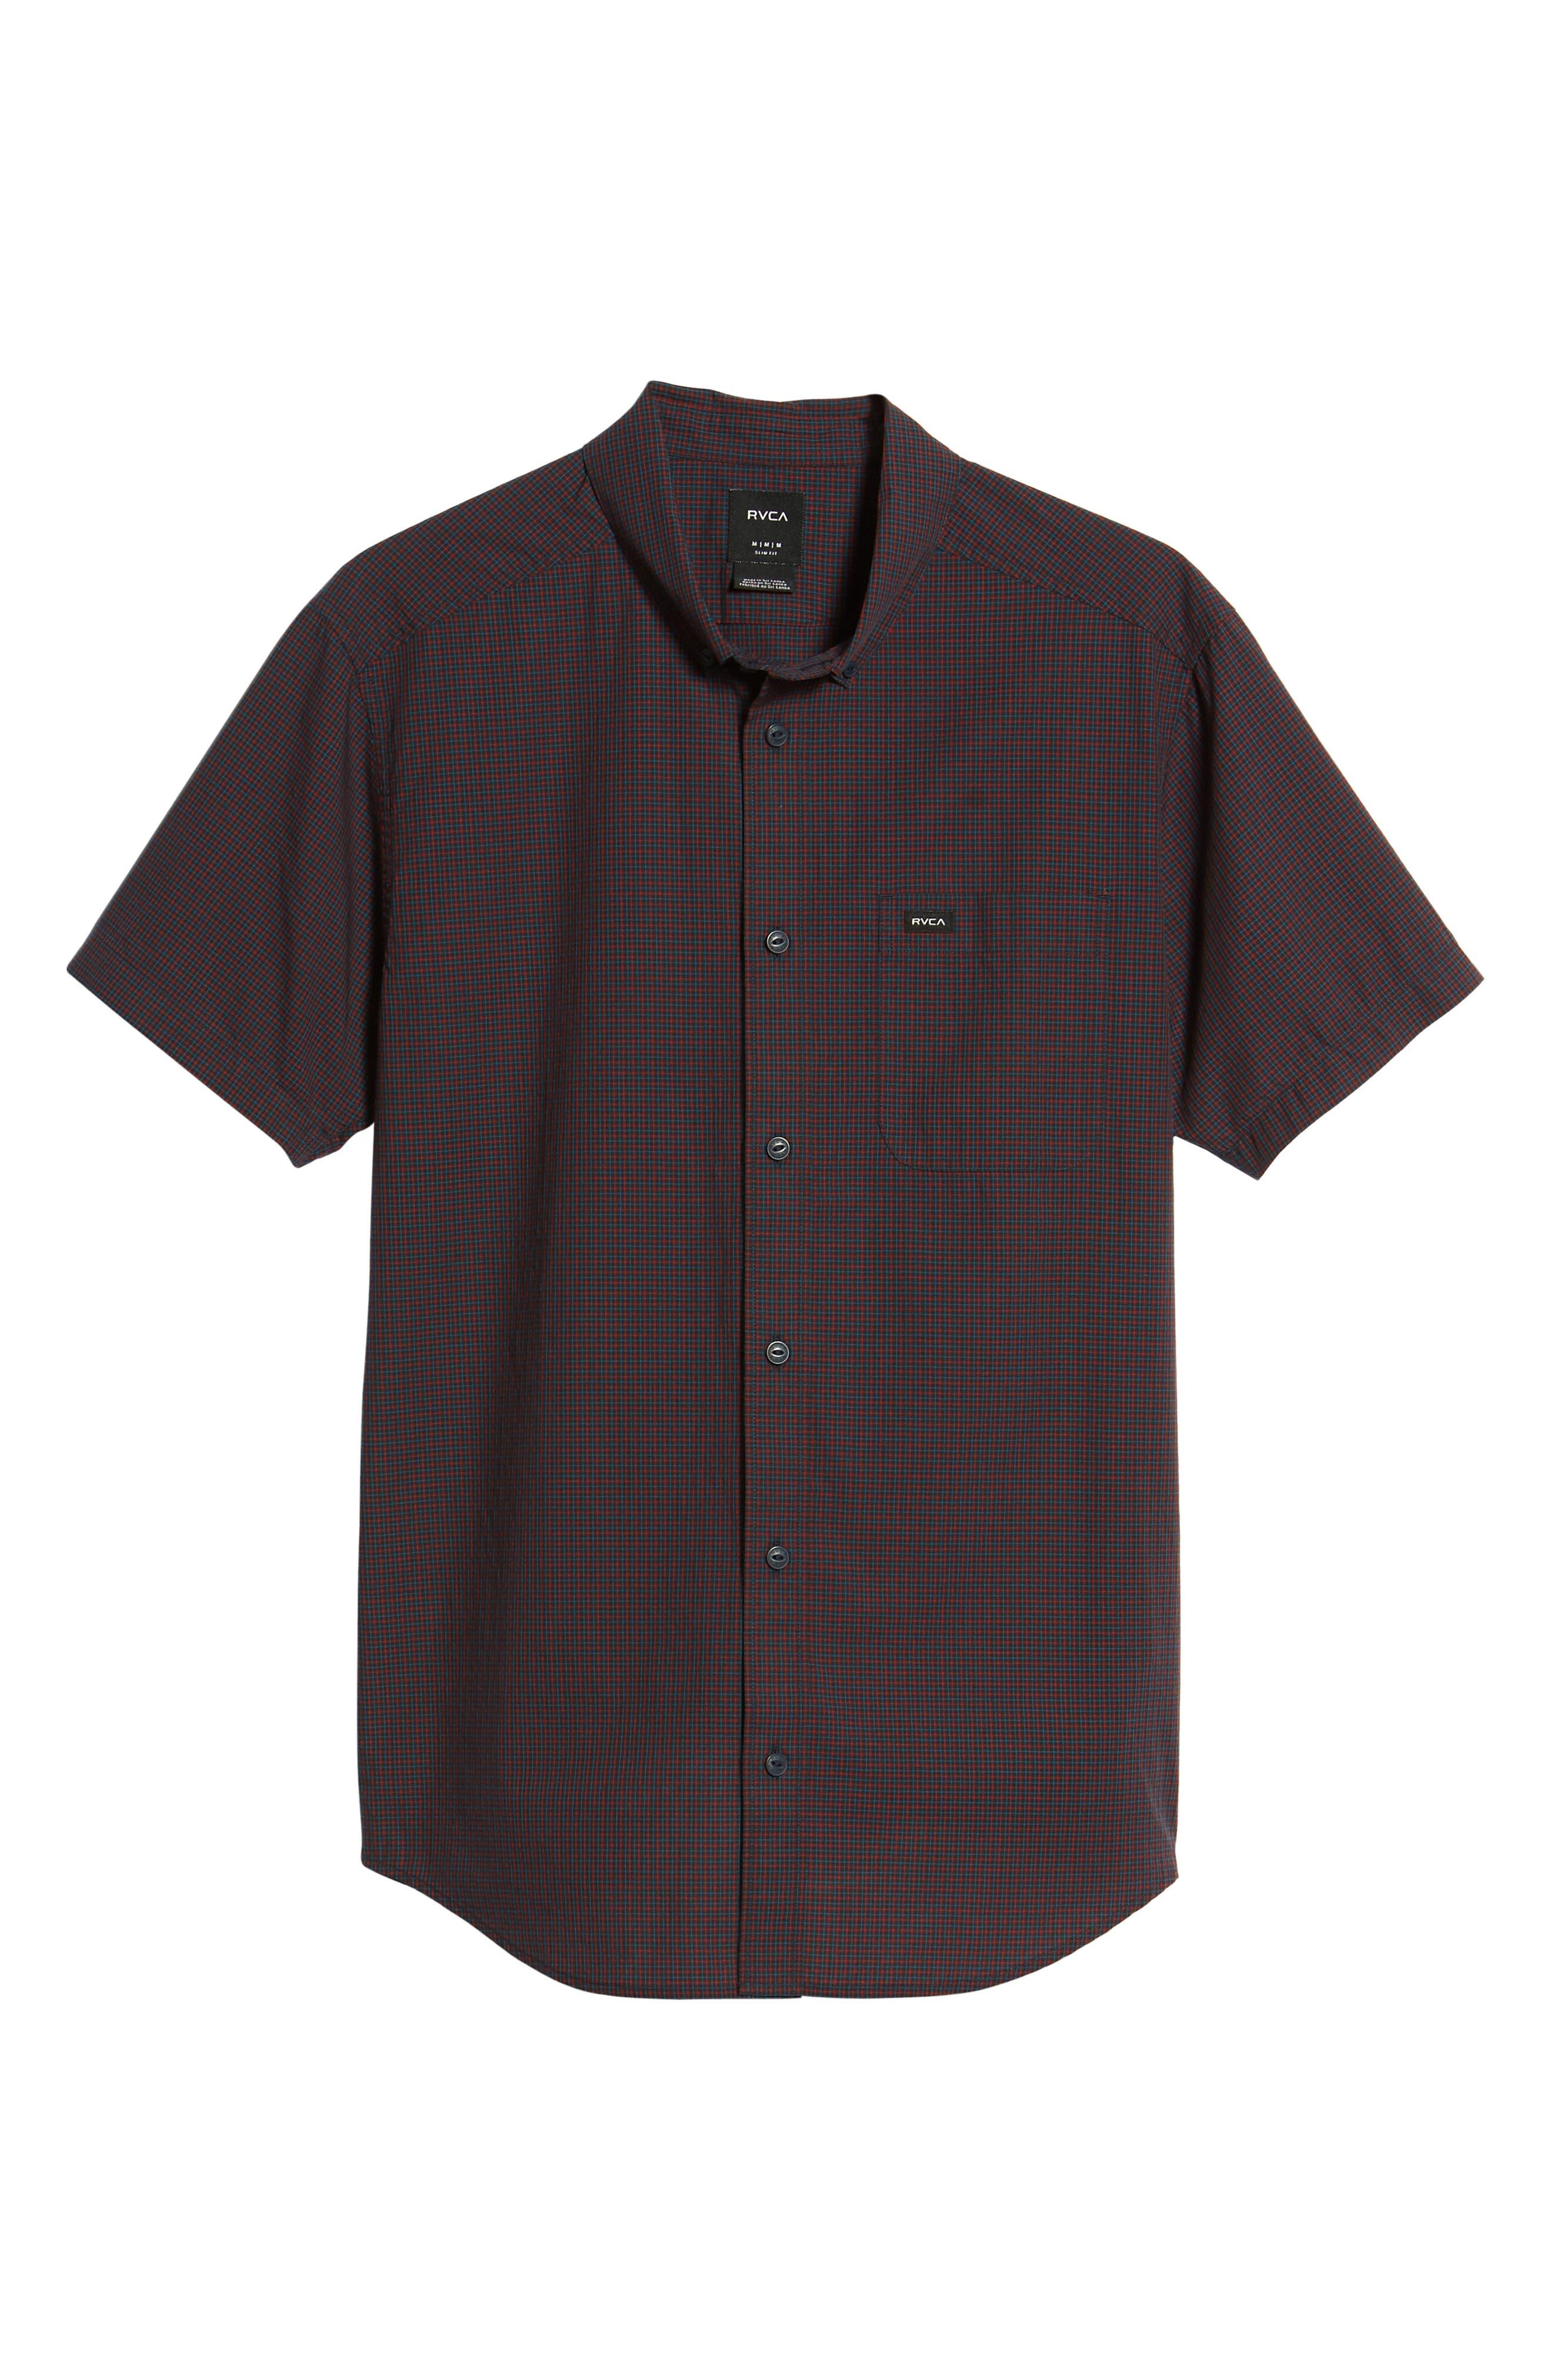 Staple Woven Shirt,                             Alternate thumbnail 6, color,                             NEW NAVY